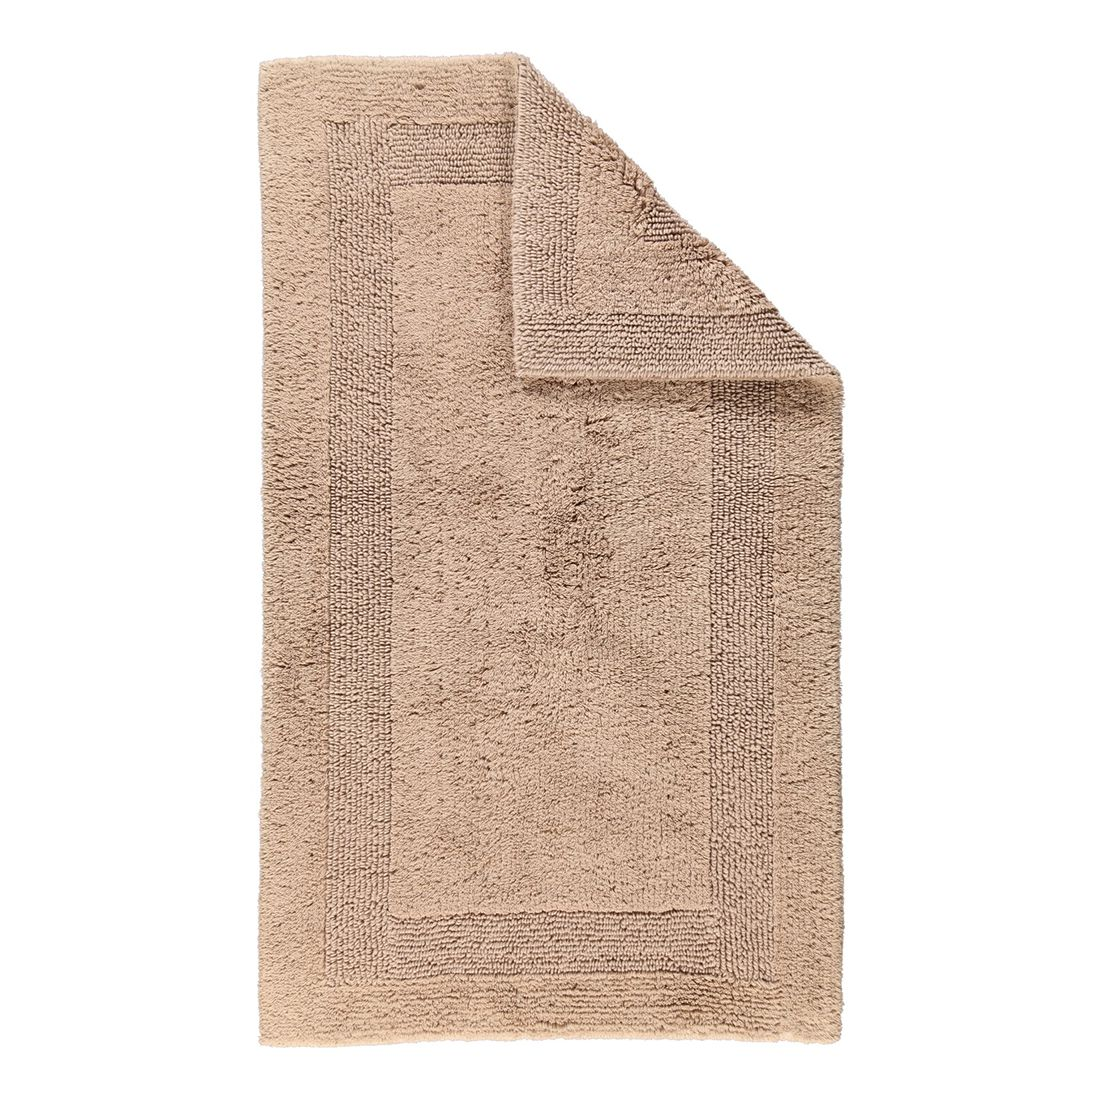 Badteppich Luxus Badteppich 1000 – 100% Baumwolle Sand – 375 – Abmessungen: 60 x 60 cm, Cawö bestellen